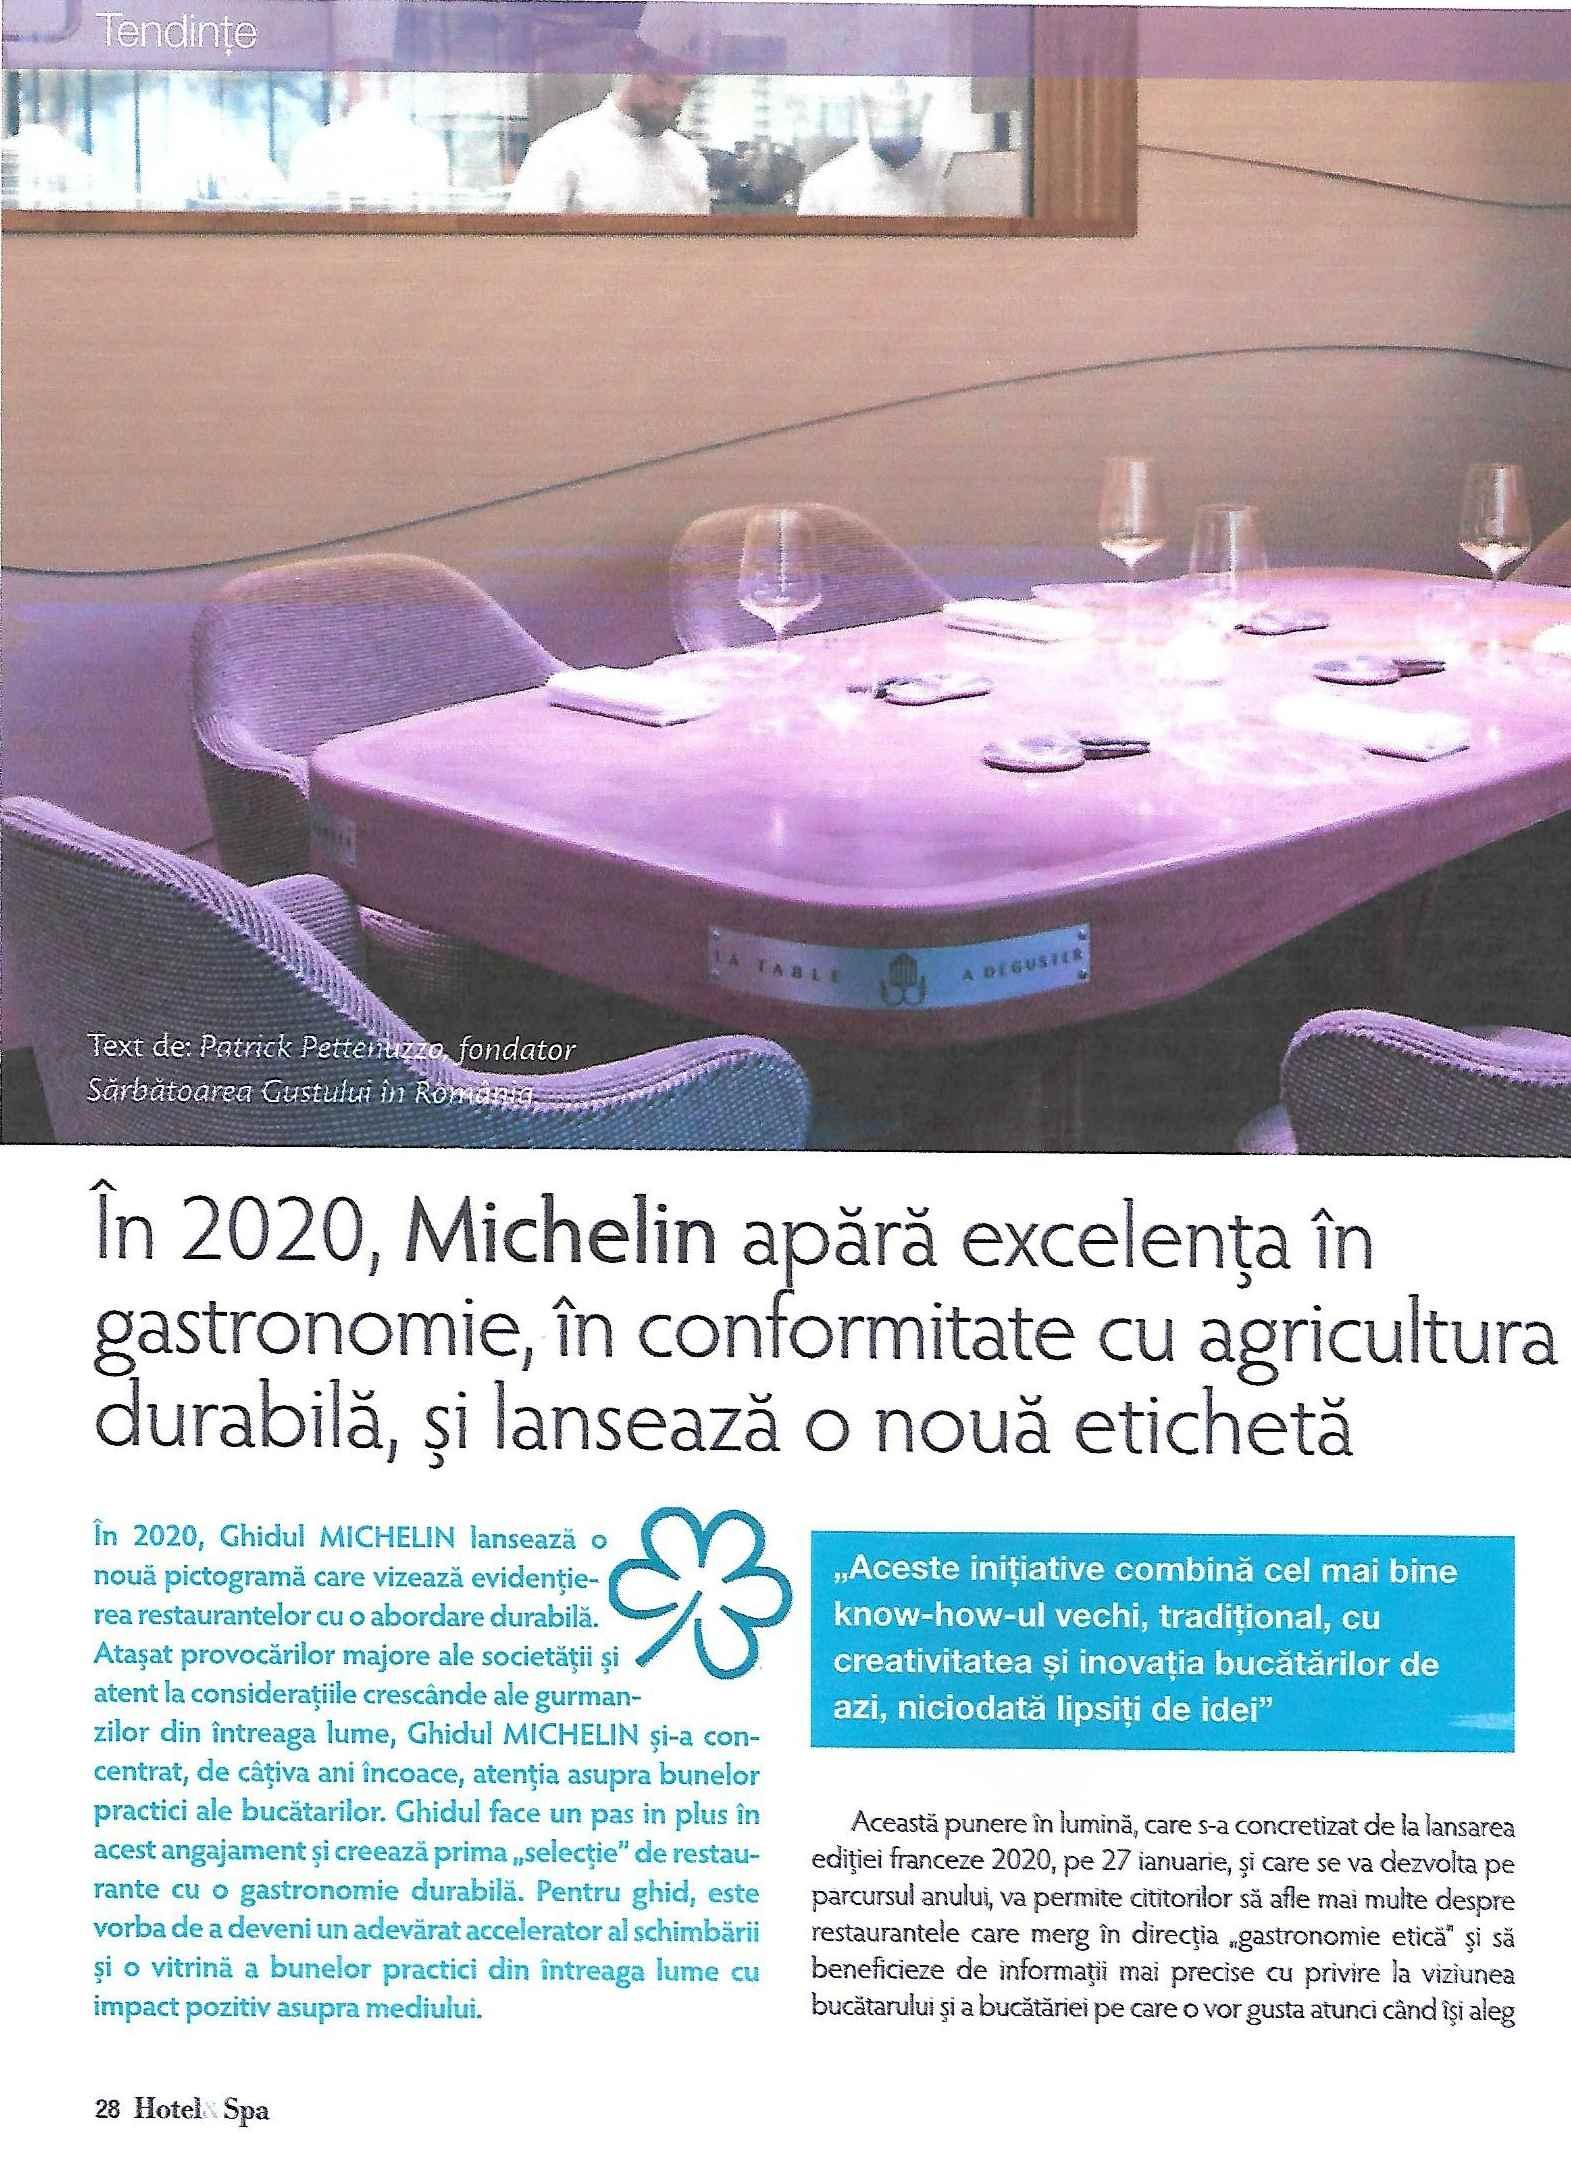 Spa magazine février 2020. gastronomie durable0001